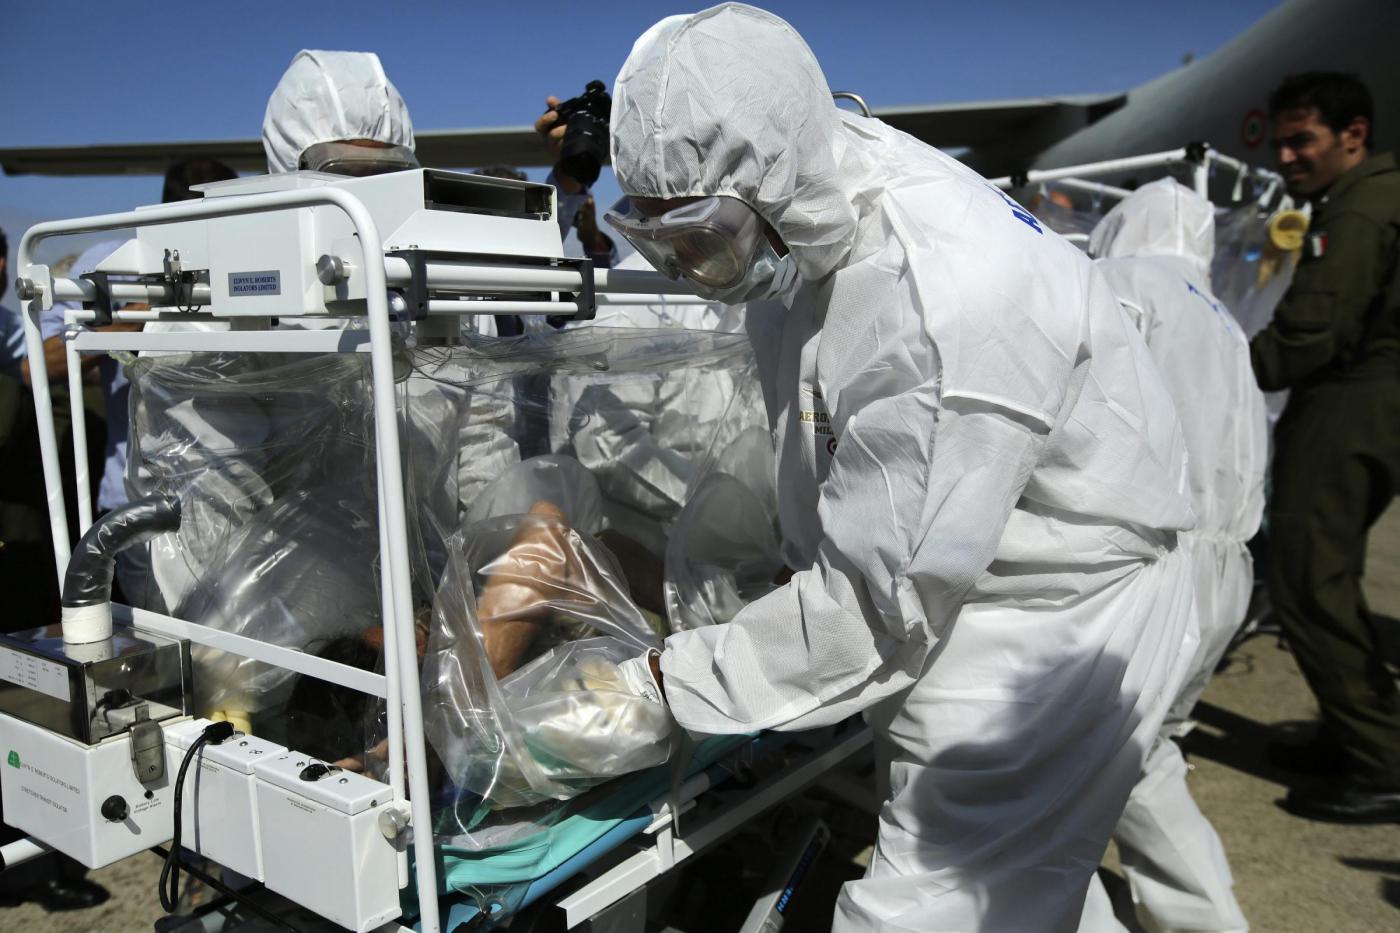 Stabili le condizioni del medico italiano in cura per l'Ebola, «è forte e autonomo»